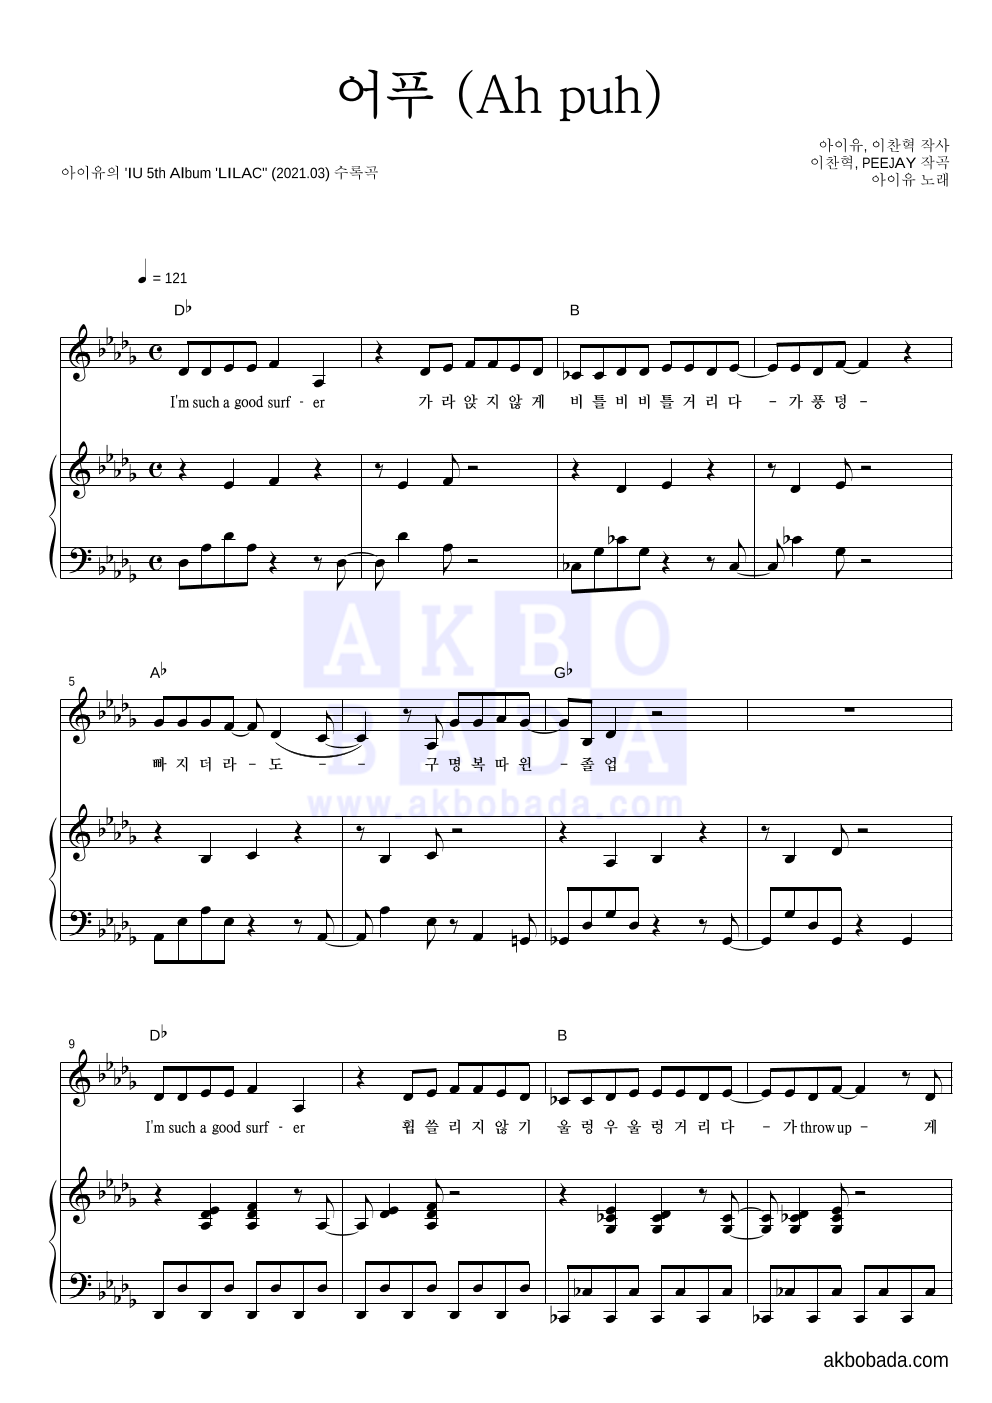 아이유 - 어푸 (Ah puh) 피아노 3단 악보